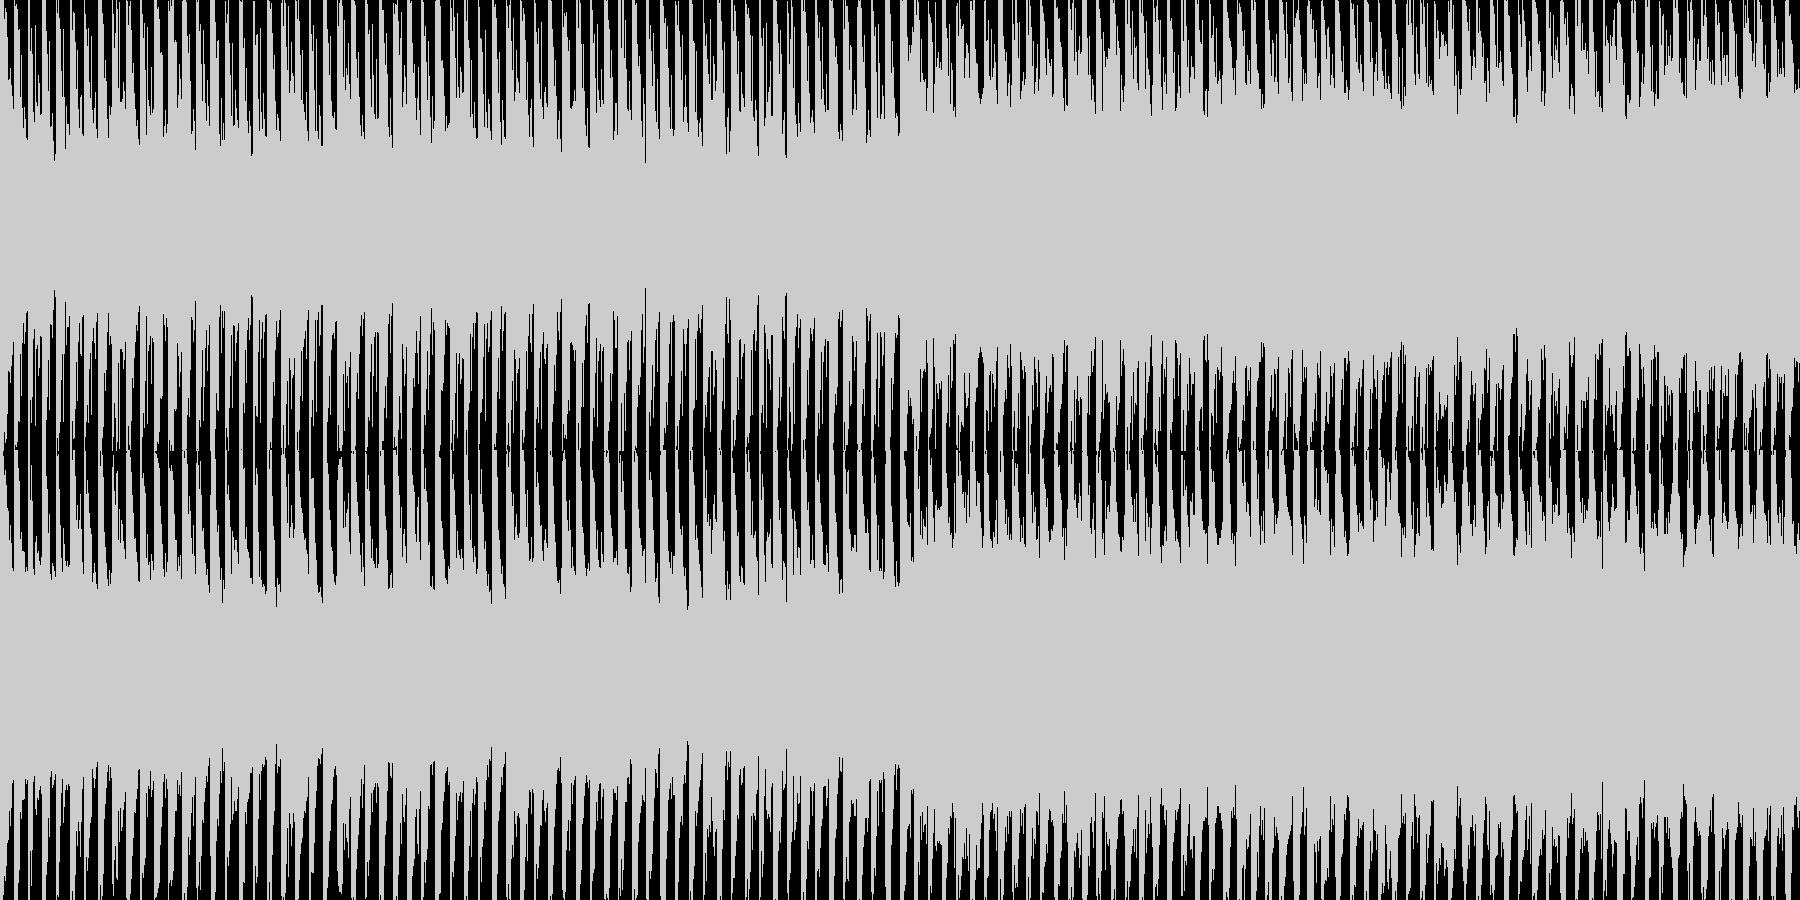 EDMクラブ系ダンスミュージック-127の未再生の波形